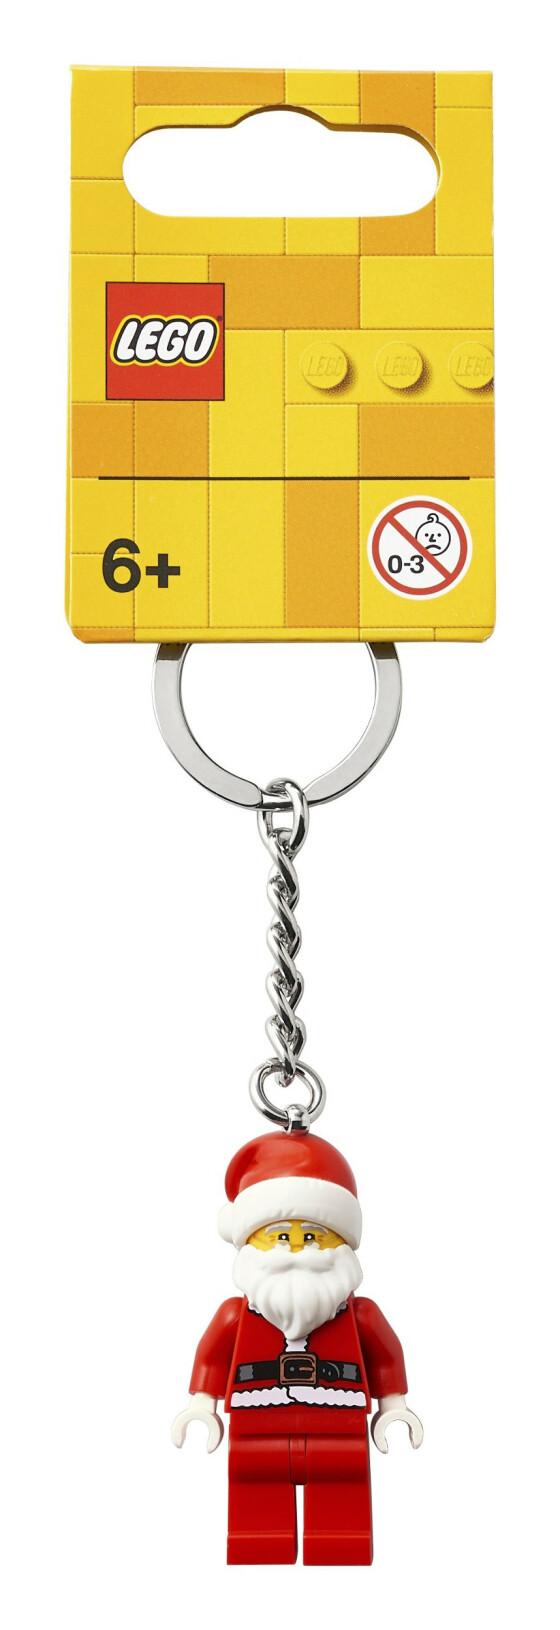 Nøkkelring (kr 60, Lego).